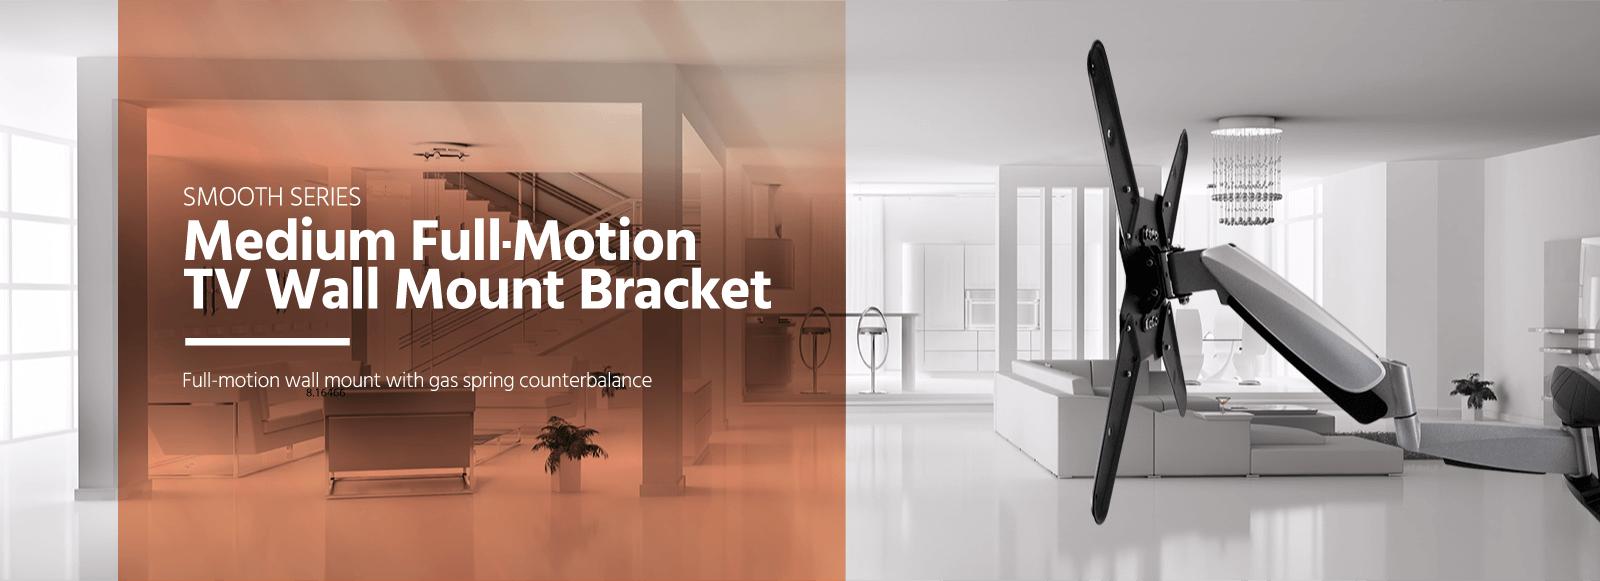 Medium Full-Motion TV Wall Mount Bracket